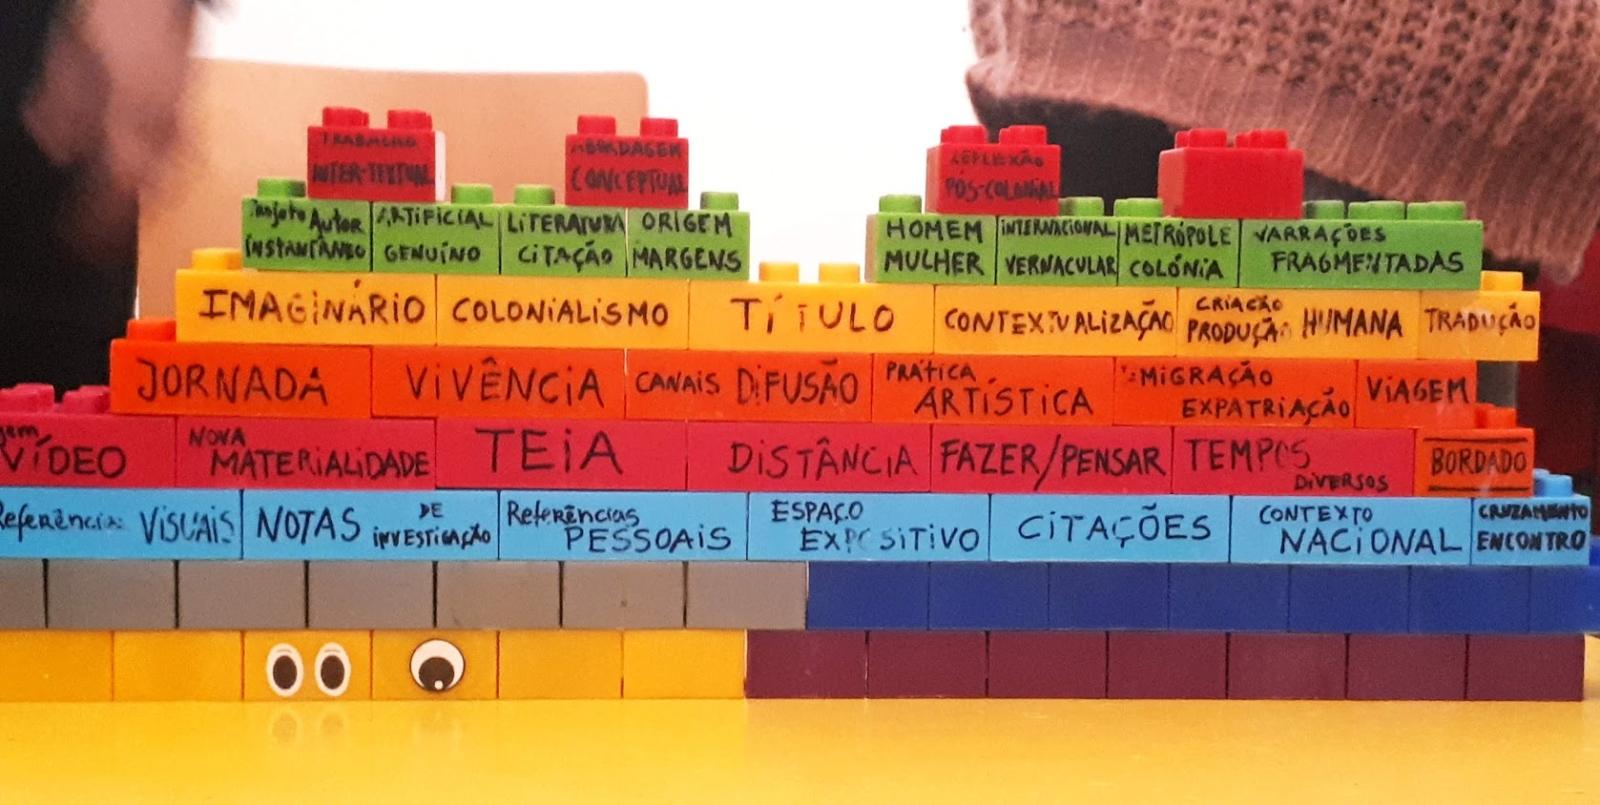 Construção em peças de lego com palavras escritas